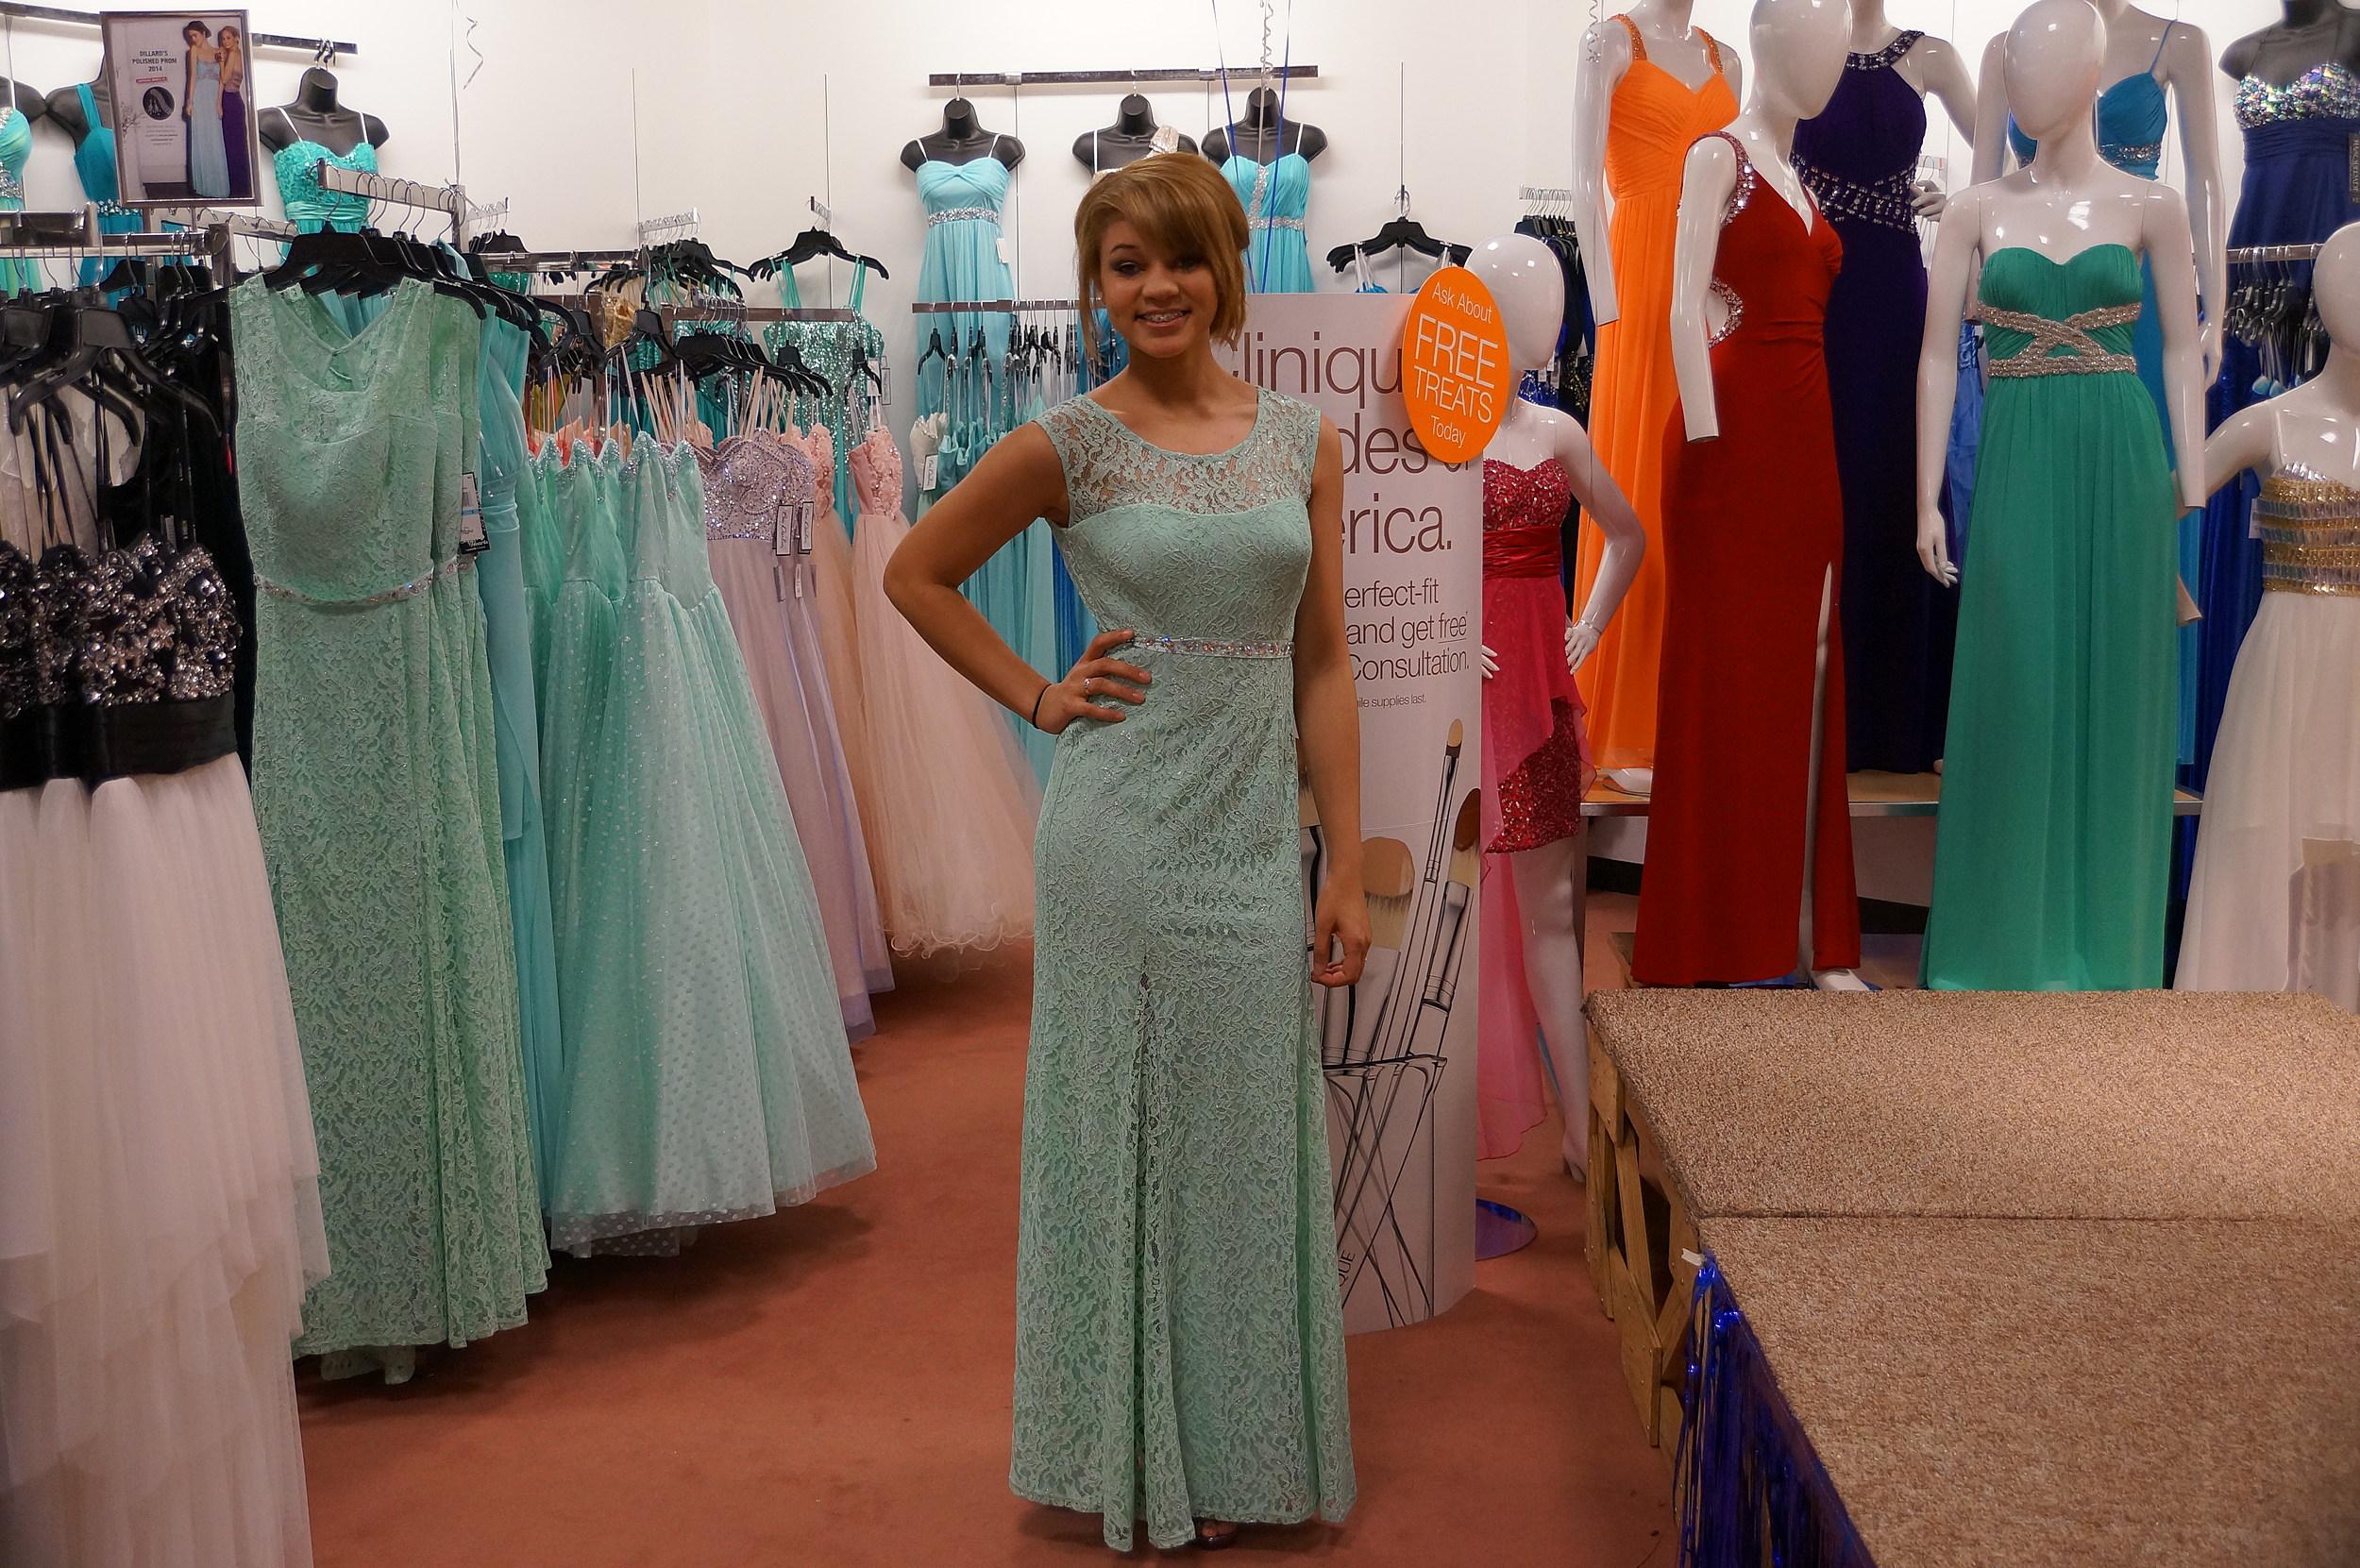 457c4c64fff23 Prom Dresses at Dillard's in Texarkana [PHOTOS]